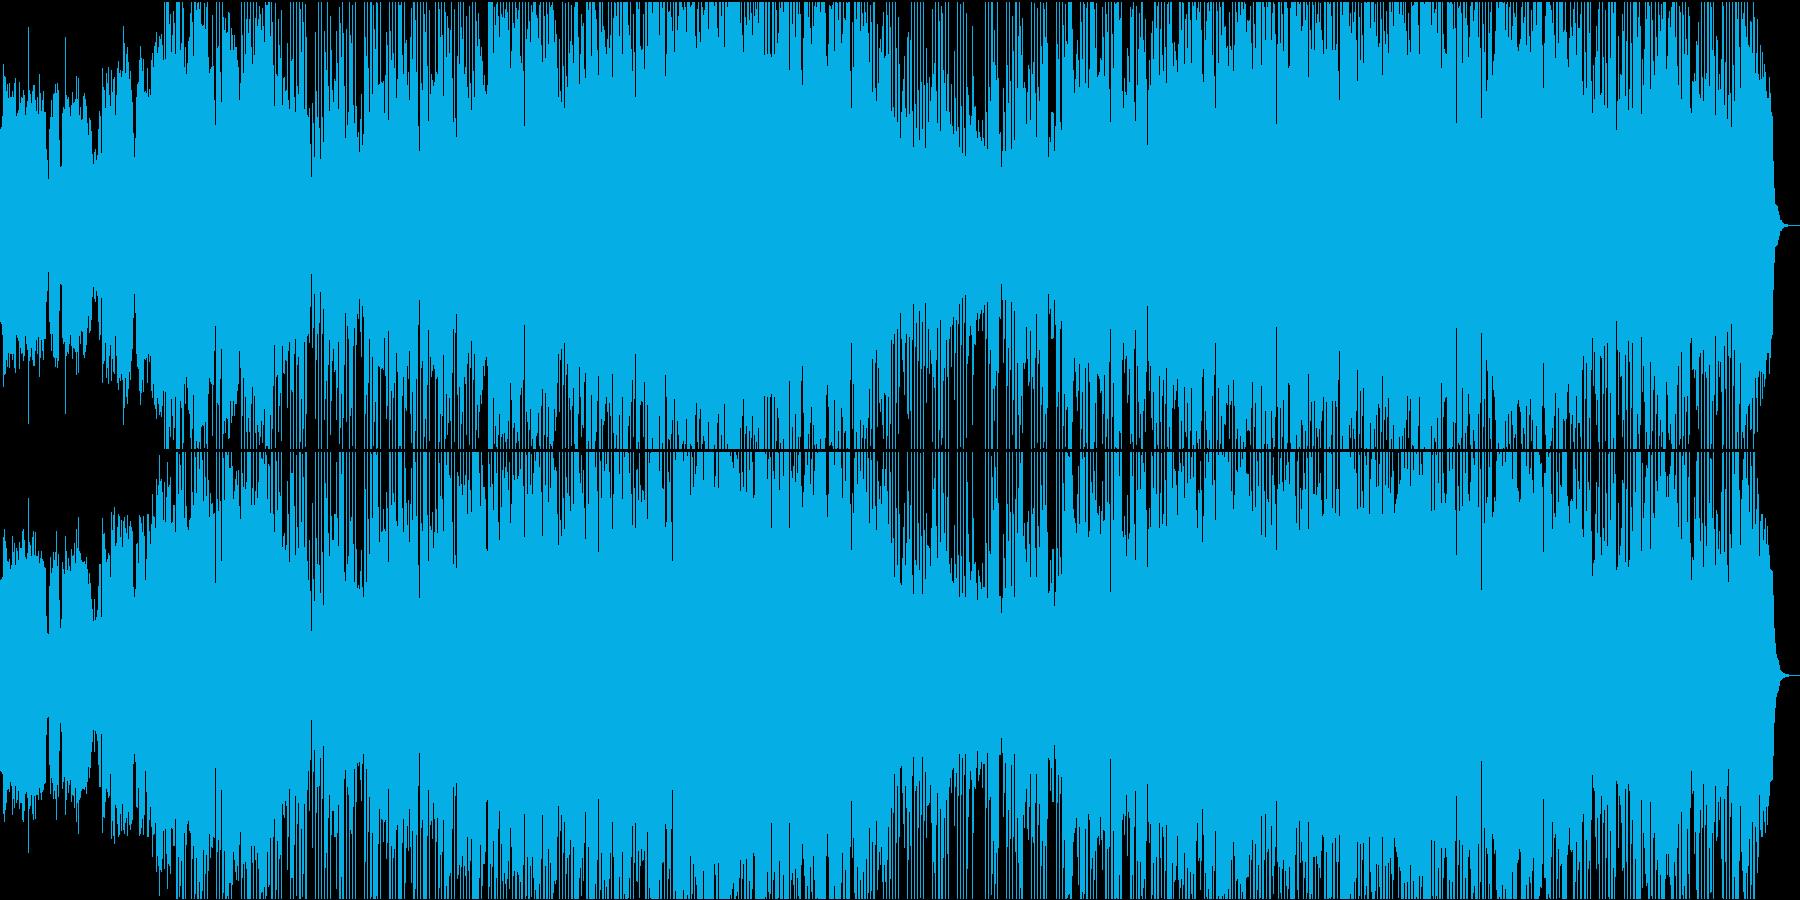 幸せのテーマソング♪ウェディング♪の再生済みの波形